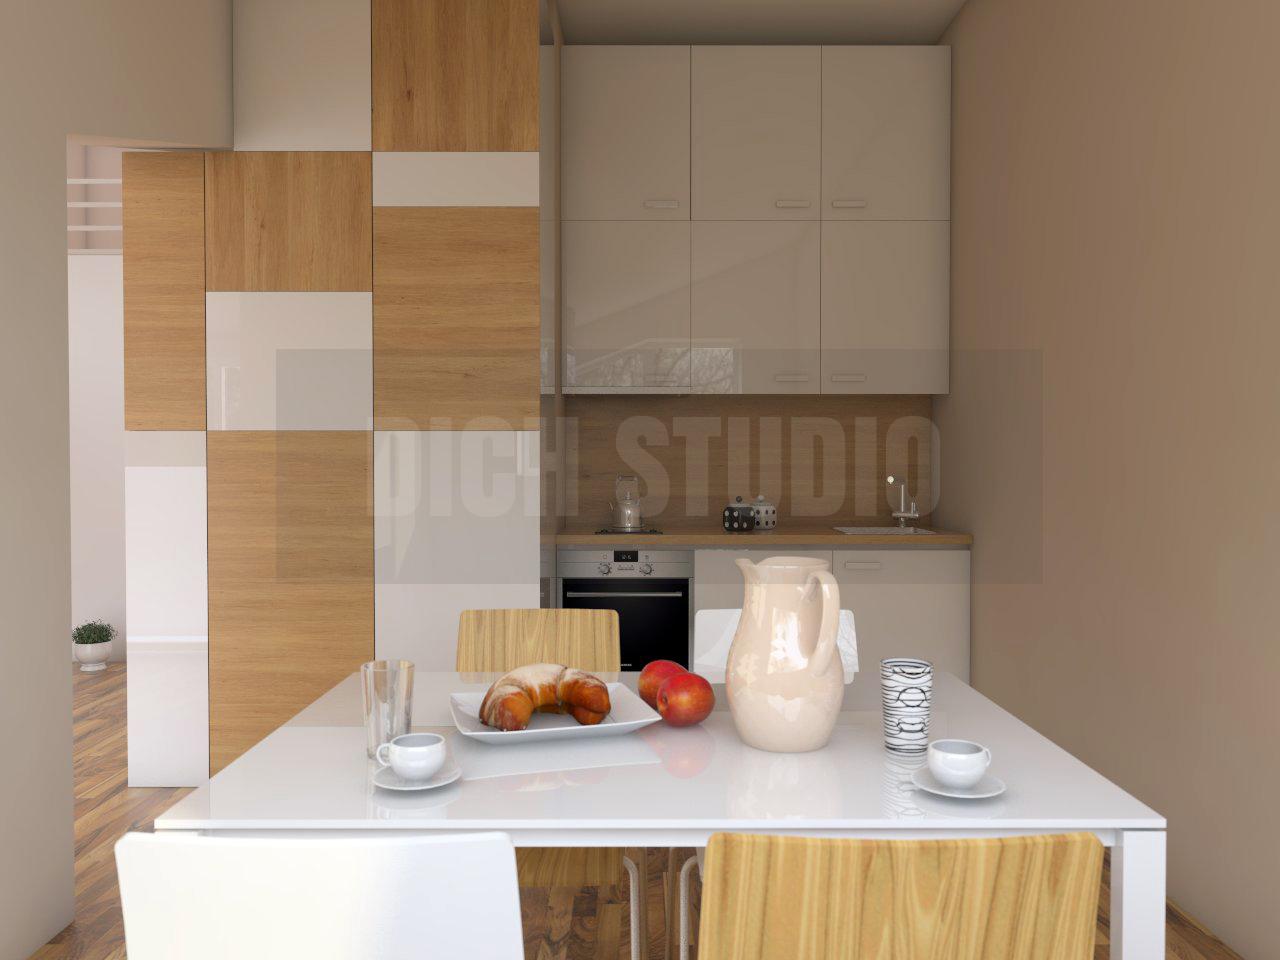 Interior design - small studio in Vratsa